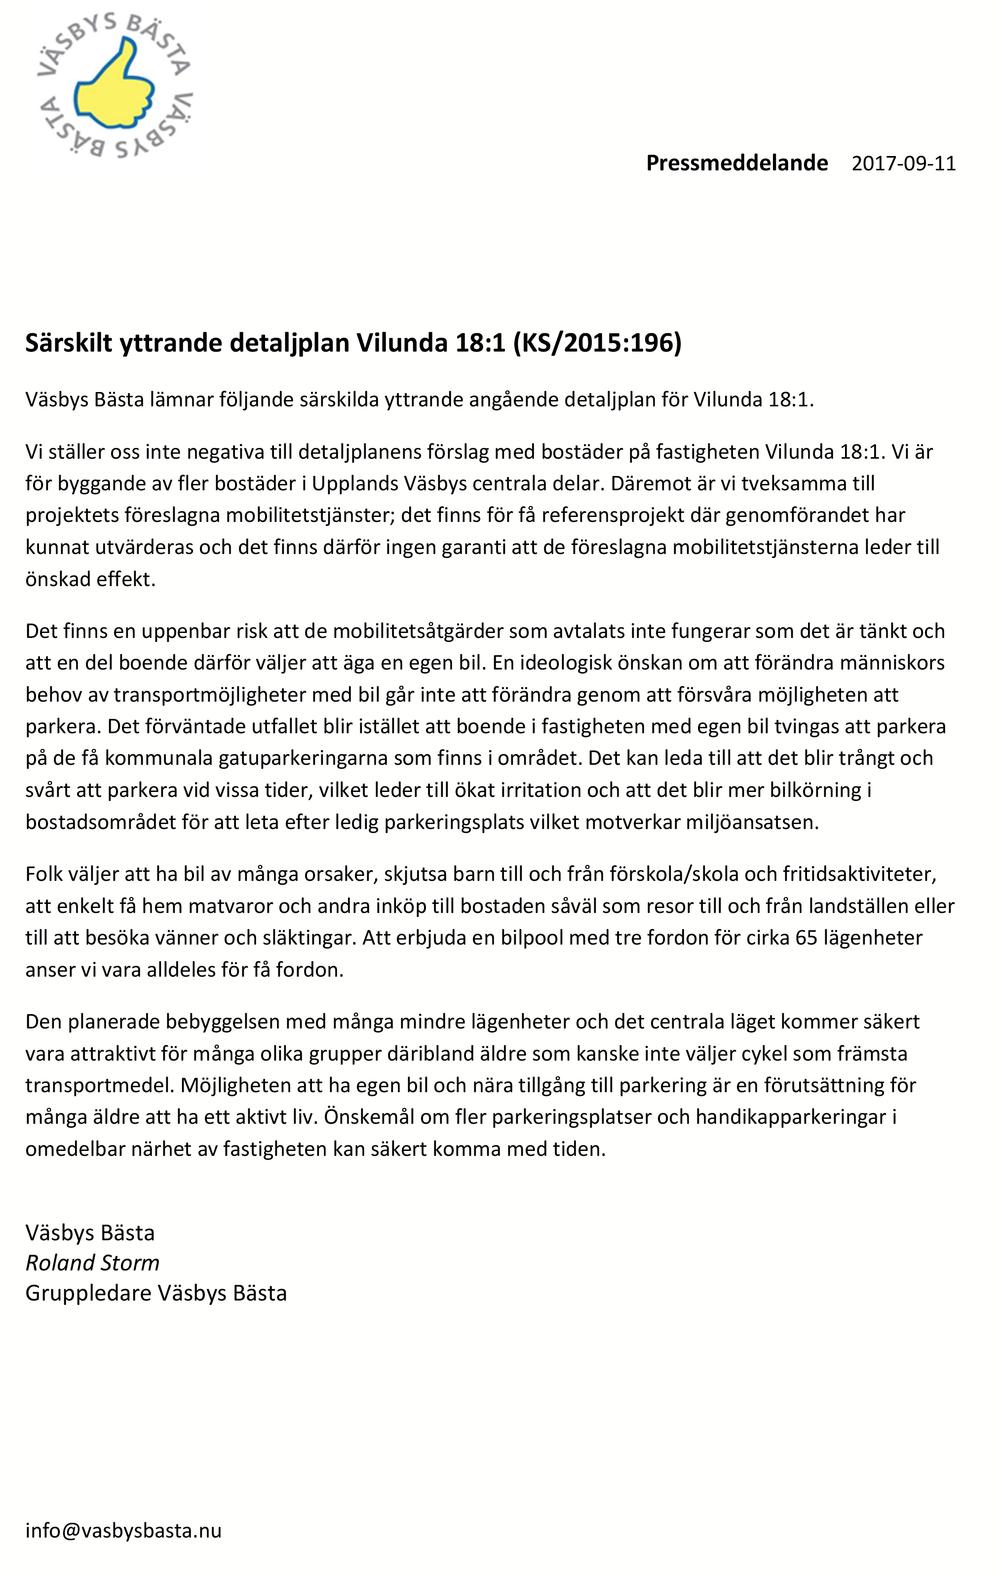 2017-09-11 Pressmeddelande Vilunda 18-1 kopiera.png